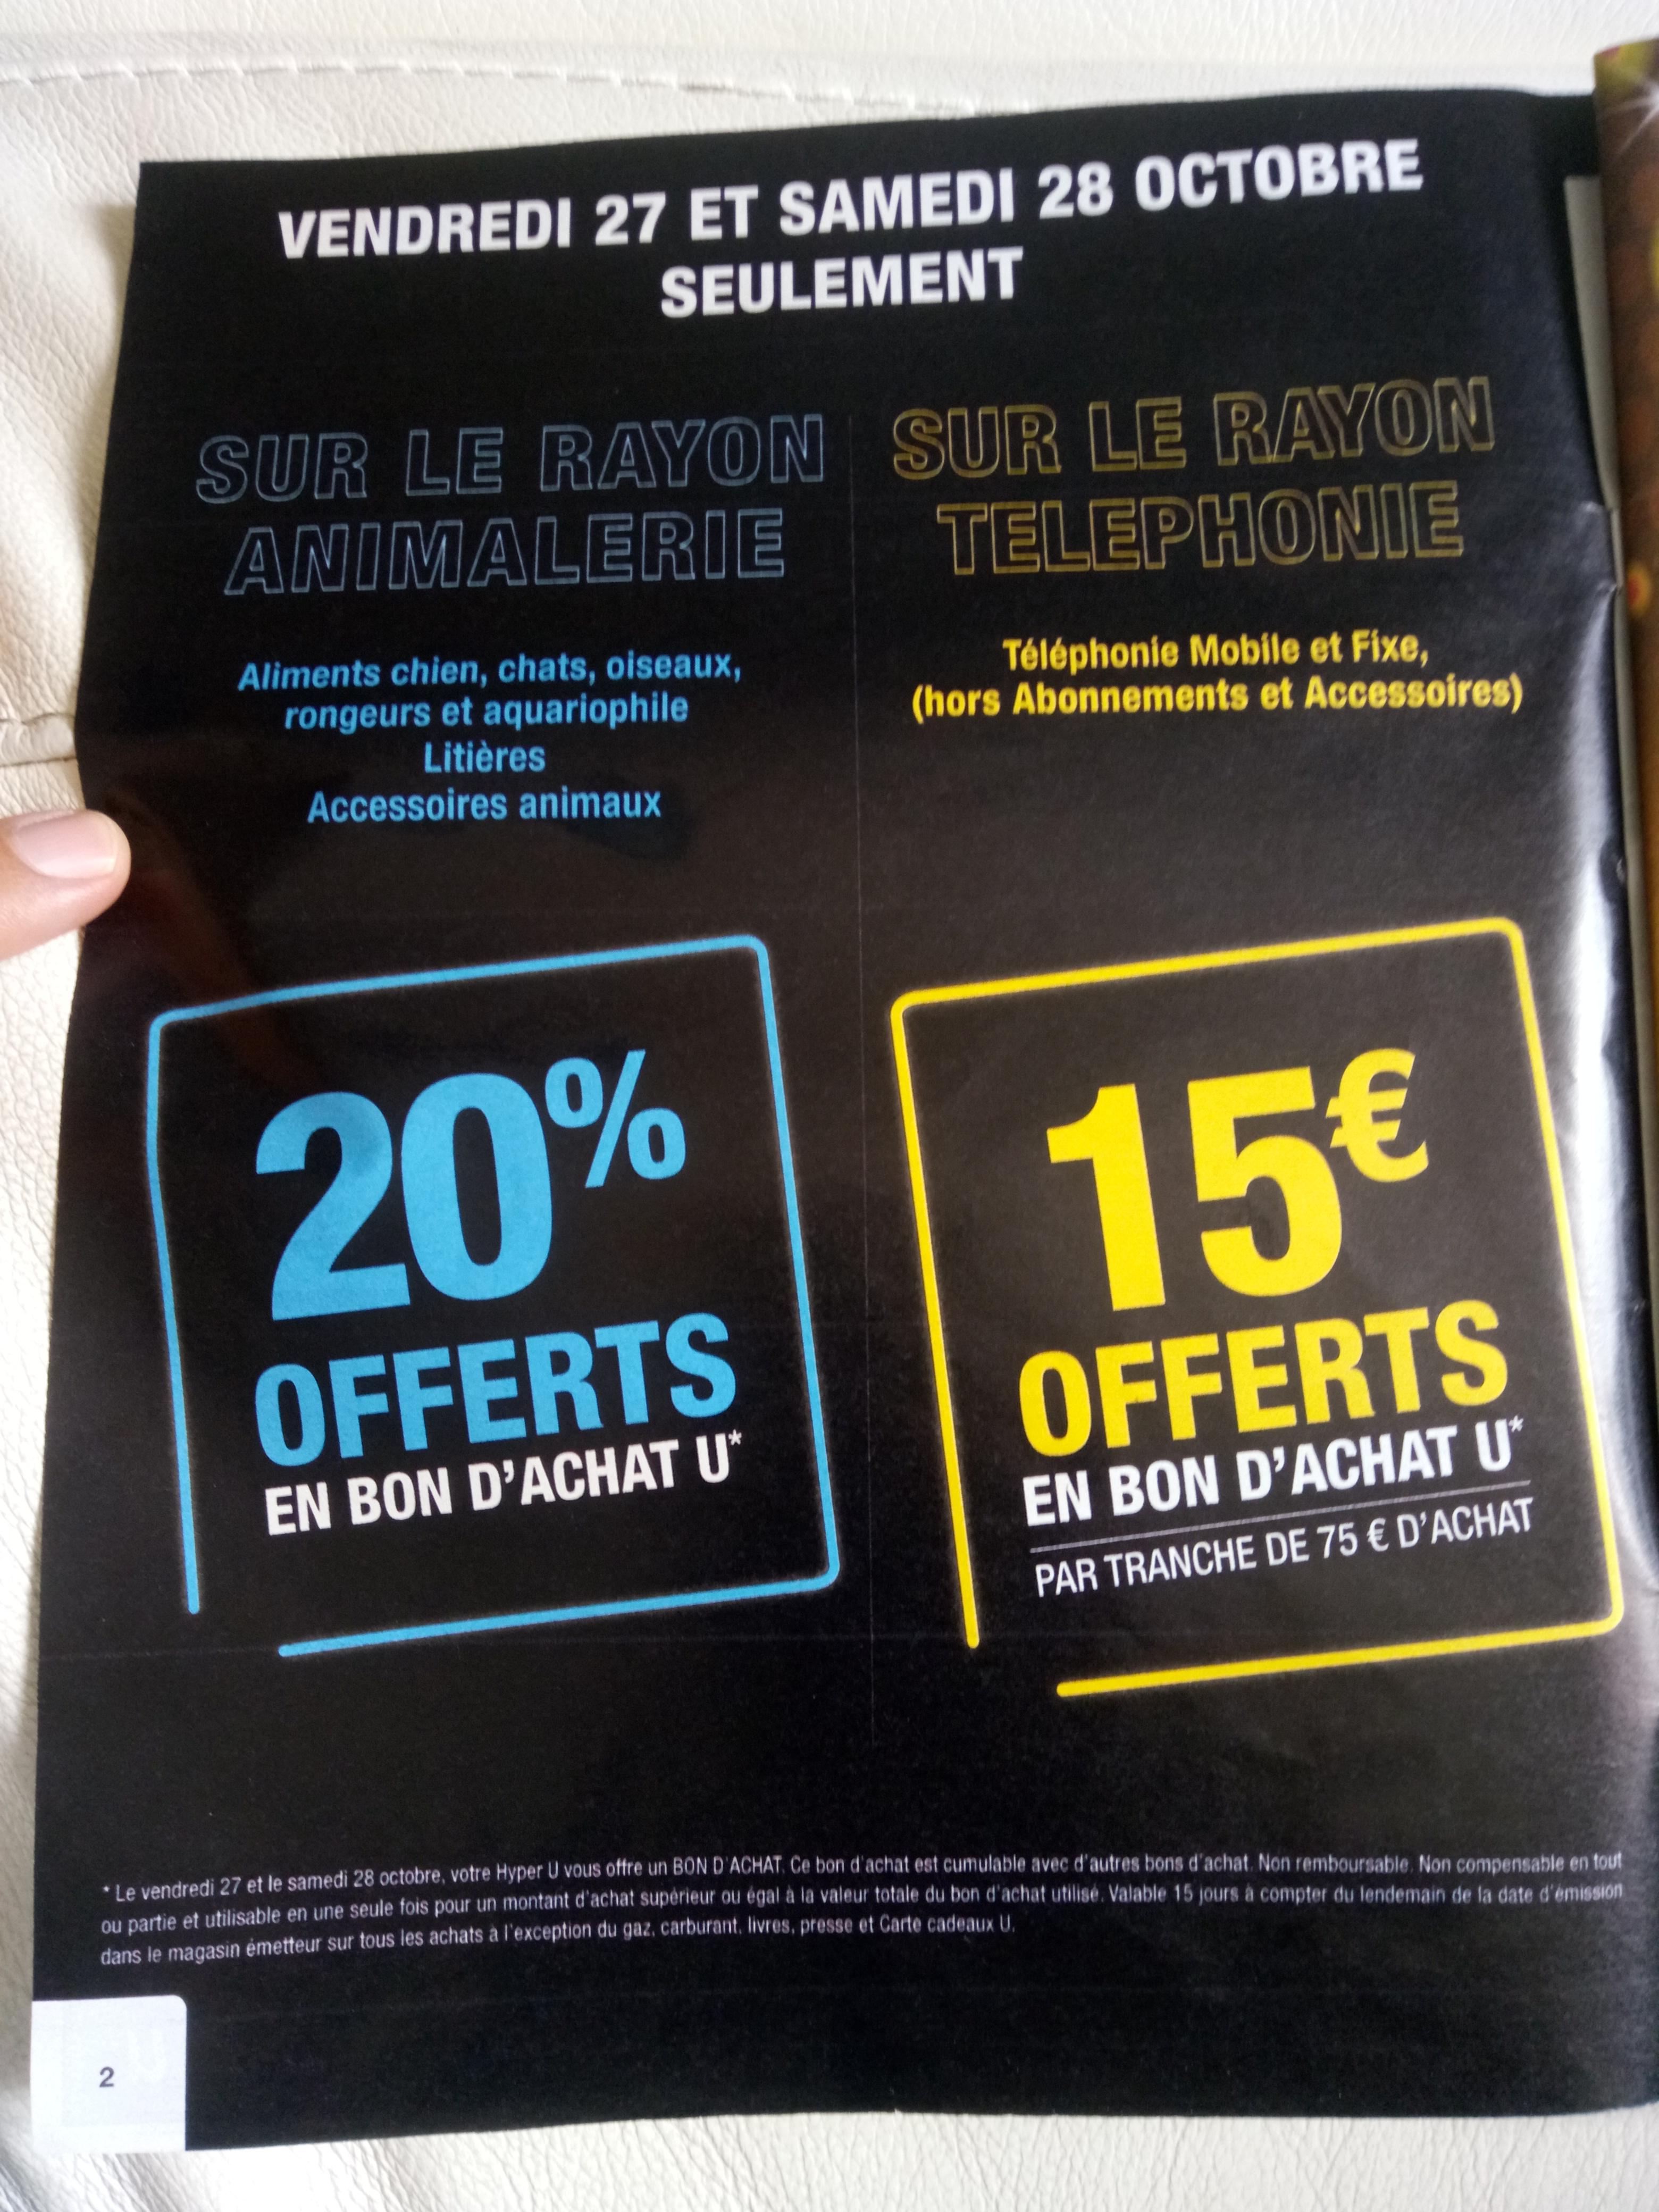 15€ offerts en bon d'achat par tranche de 75€ sur la téléphonie mobile et fixe - Hyper U